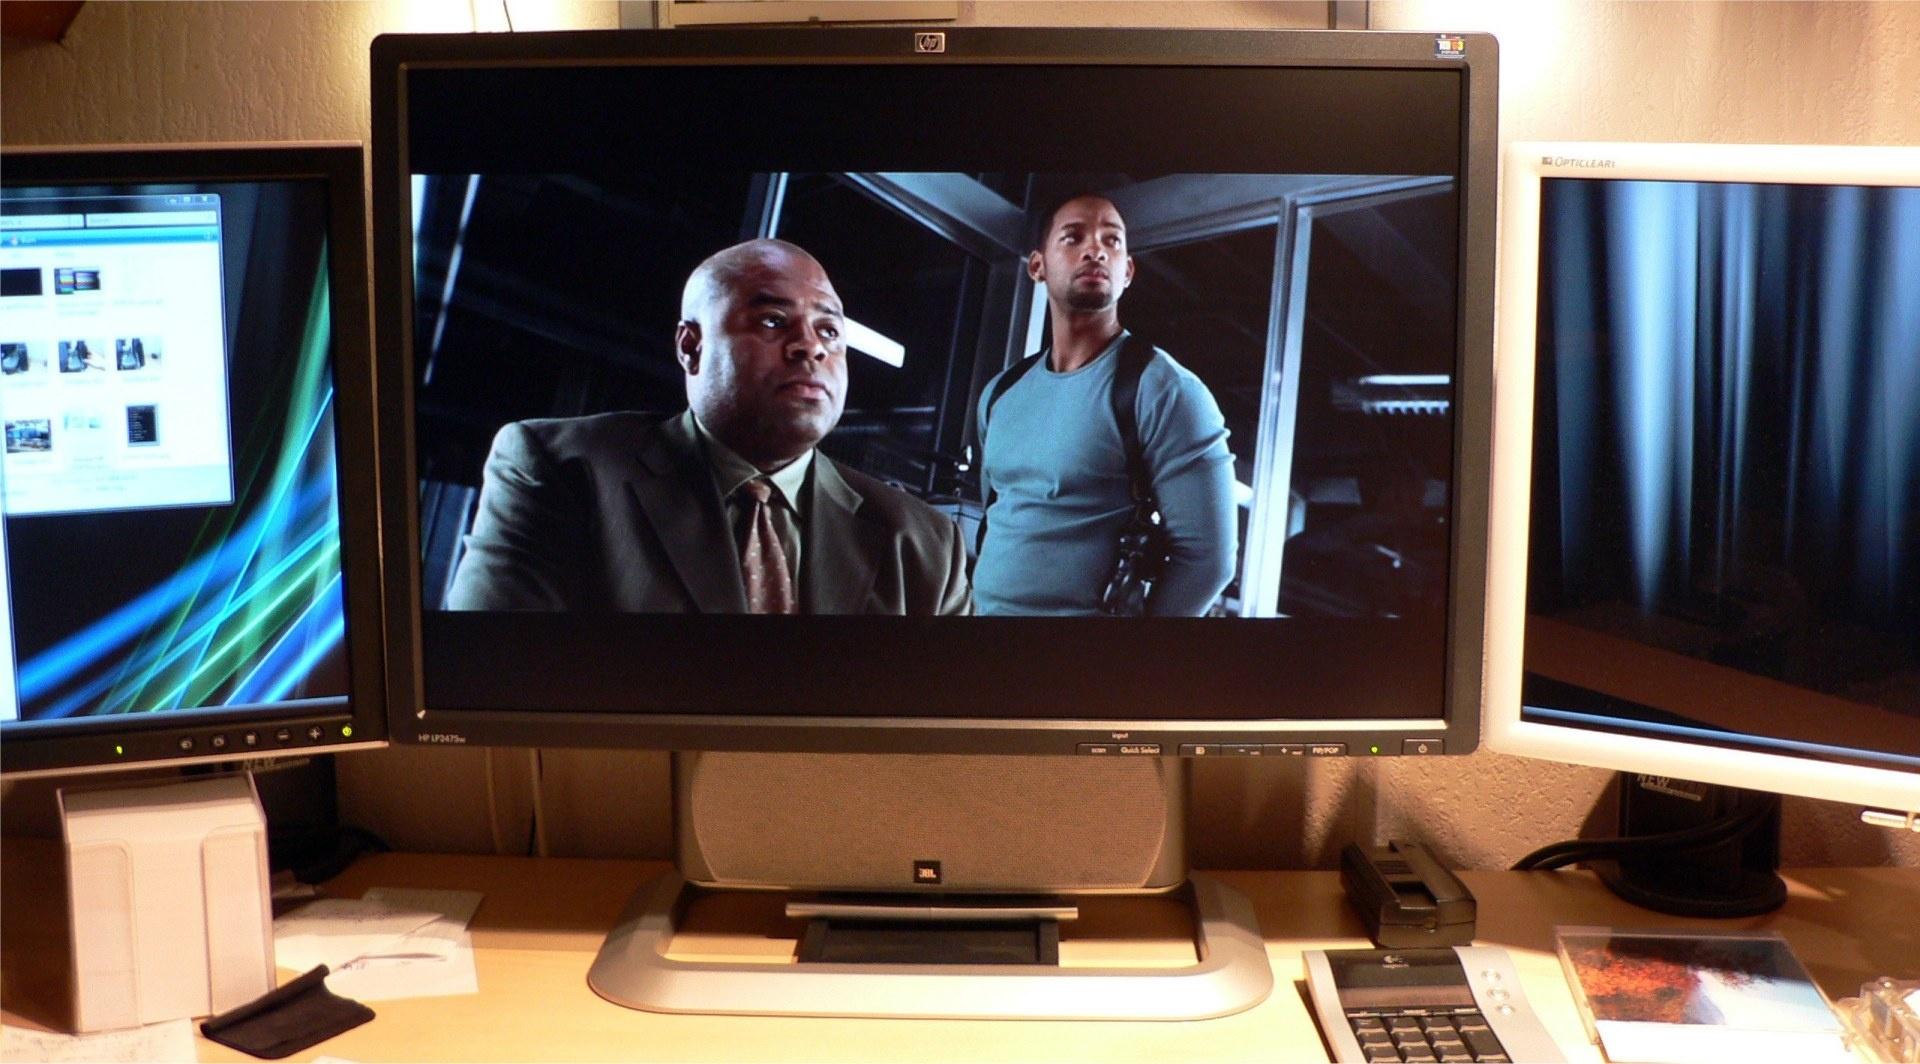 Het scherm tijdens het afspelen van een DVD (I Robot)